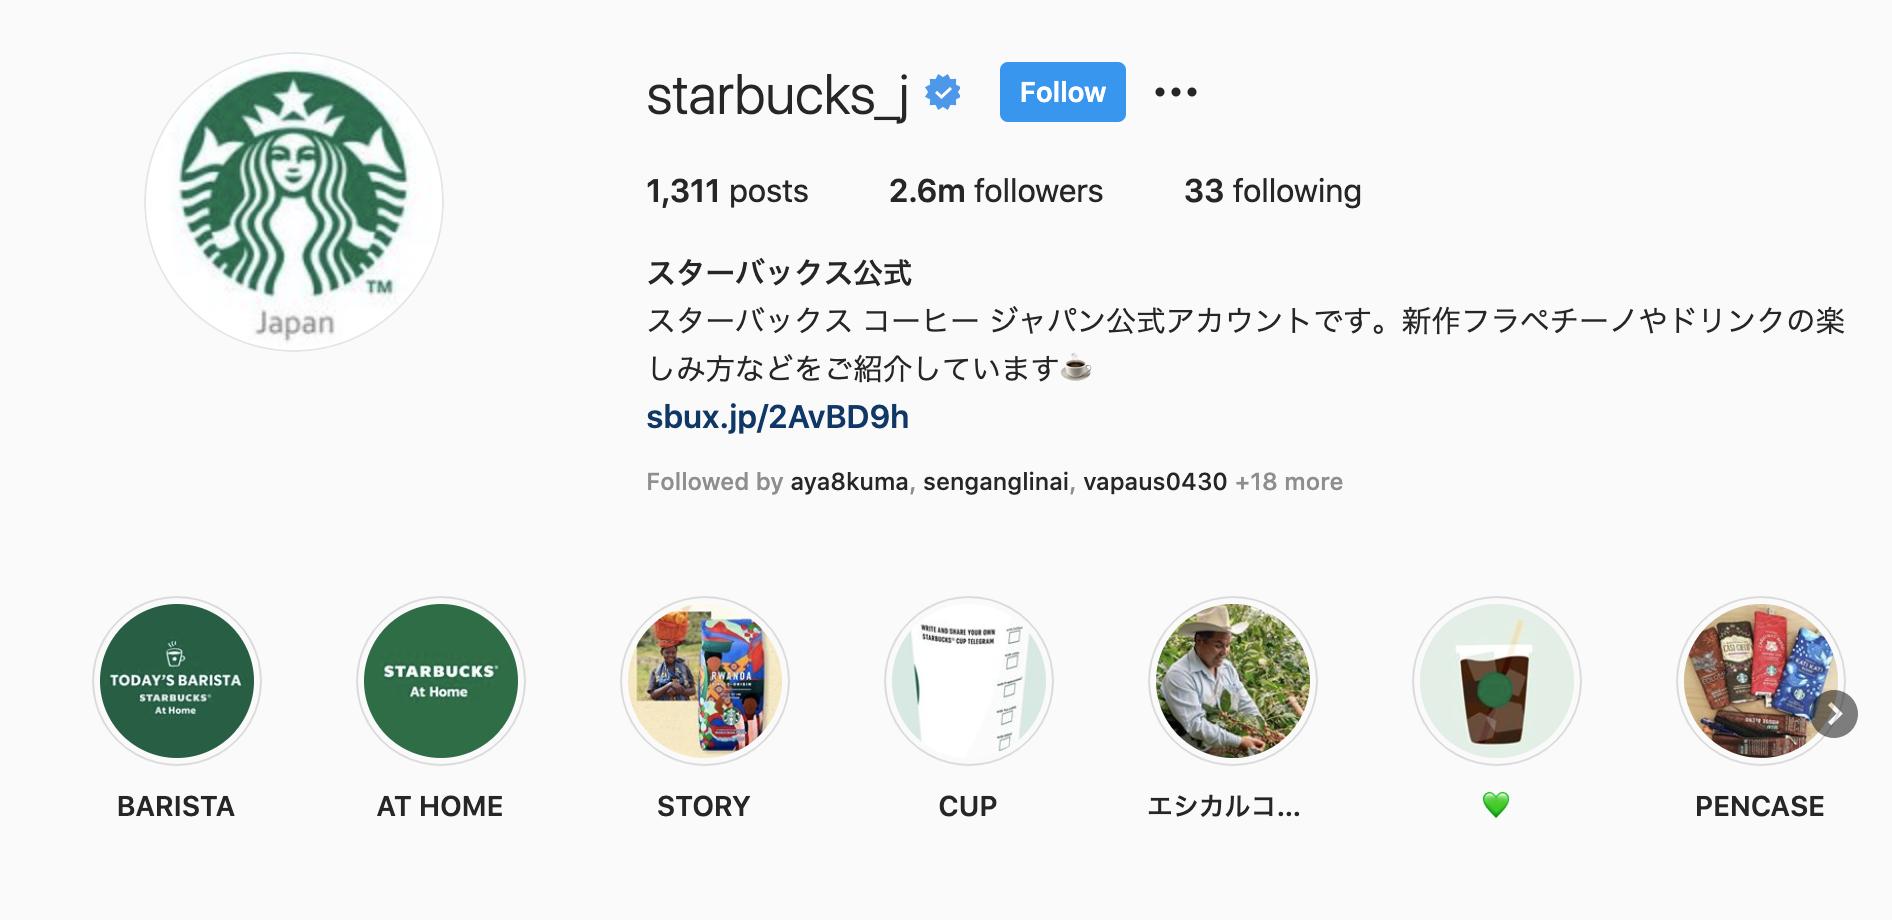 Instagramのビジネス利用